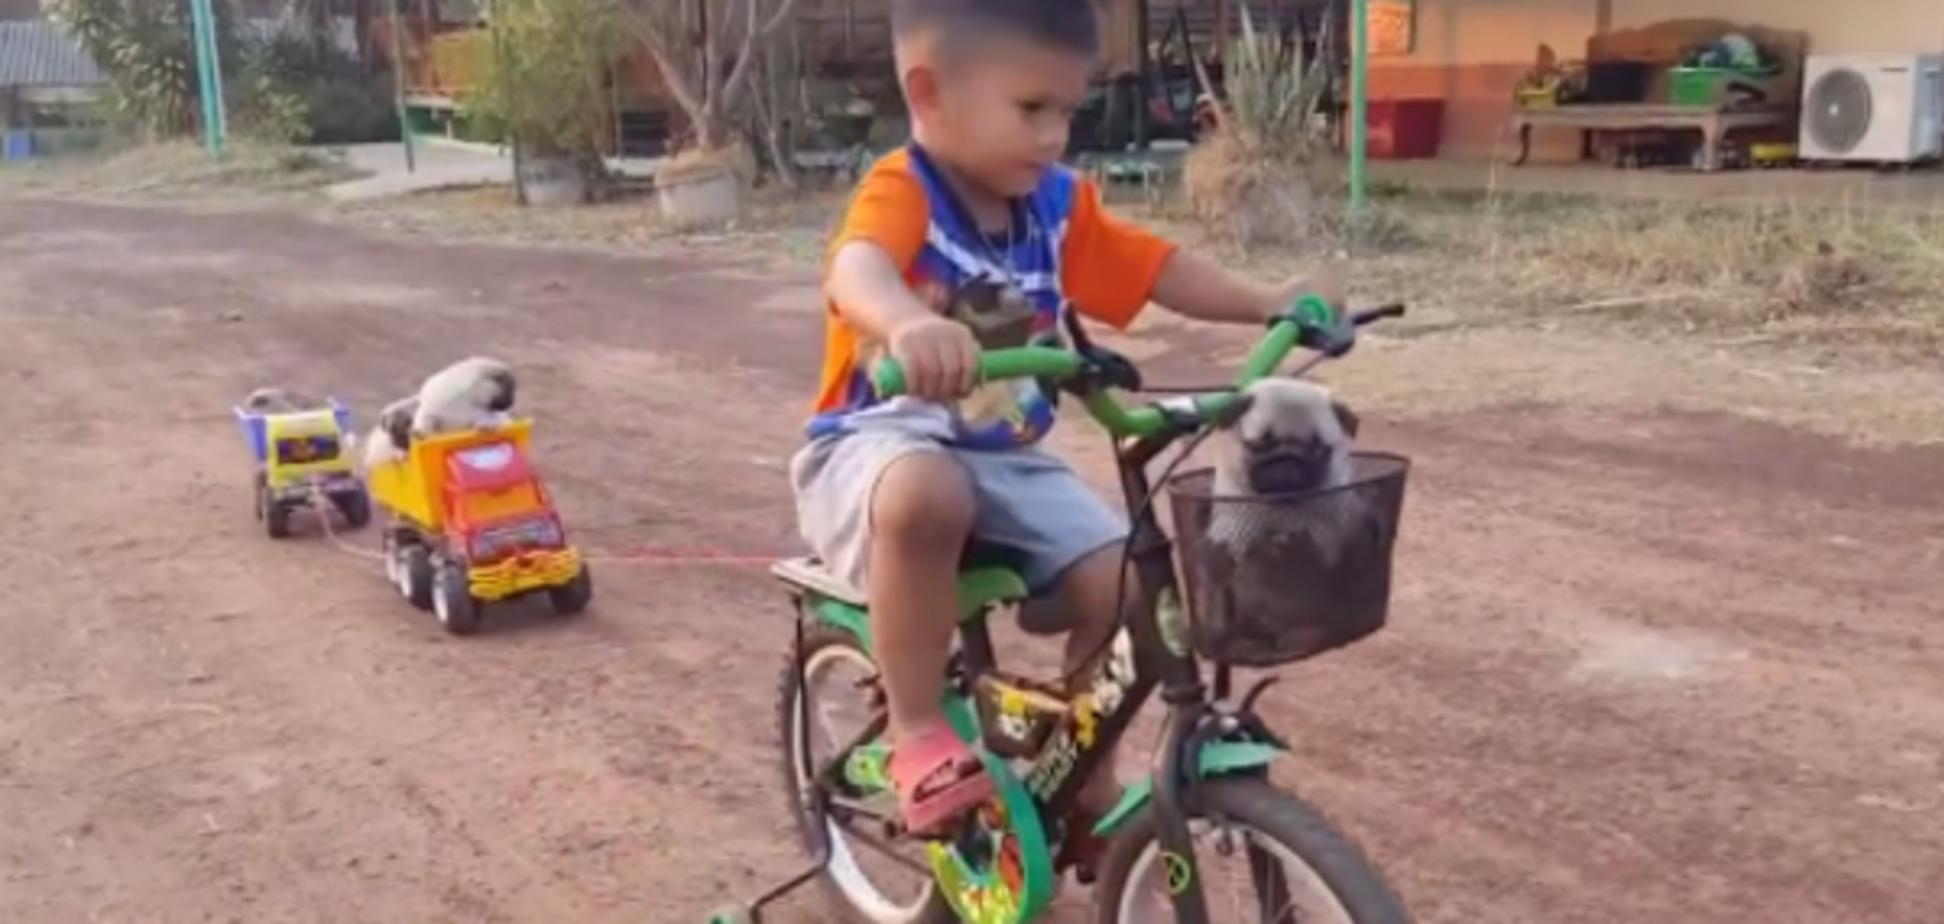 Поезд для щенка: видео с оригинальной идеей ребенка покорило сеть